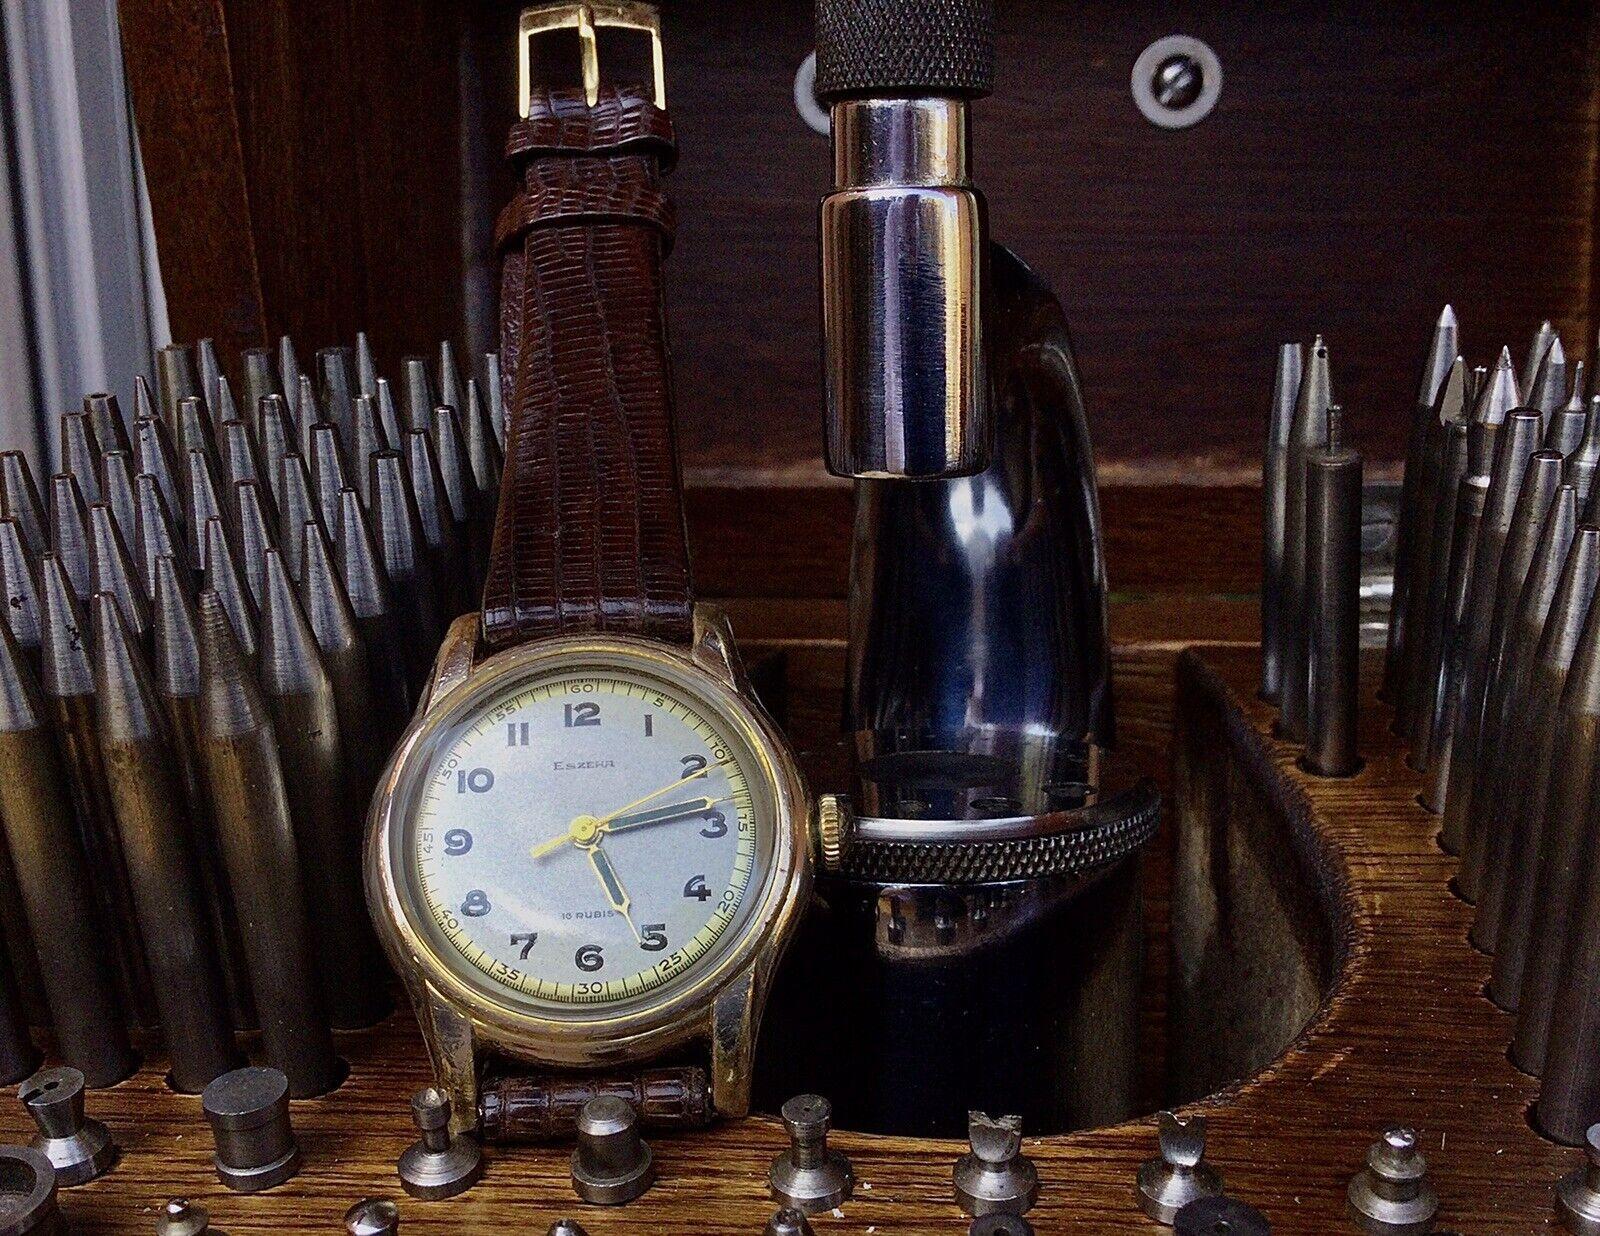 Eszeha, Reloj Vintage De Pulsera. Chopard. In Working Order.